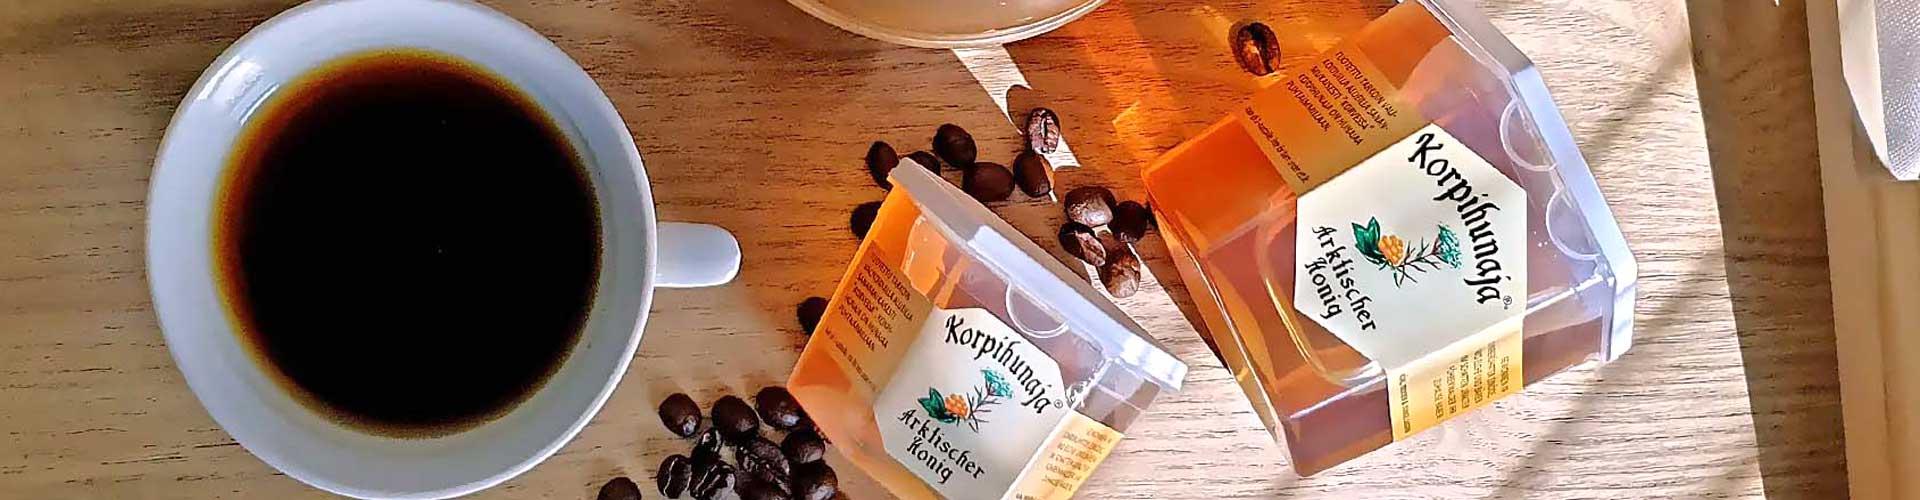 Lappi-Hunajan hunajavalikoima on myynnissä Lappi-Tuvassa Lapin kylän keskustassa Raumalla.